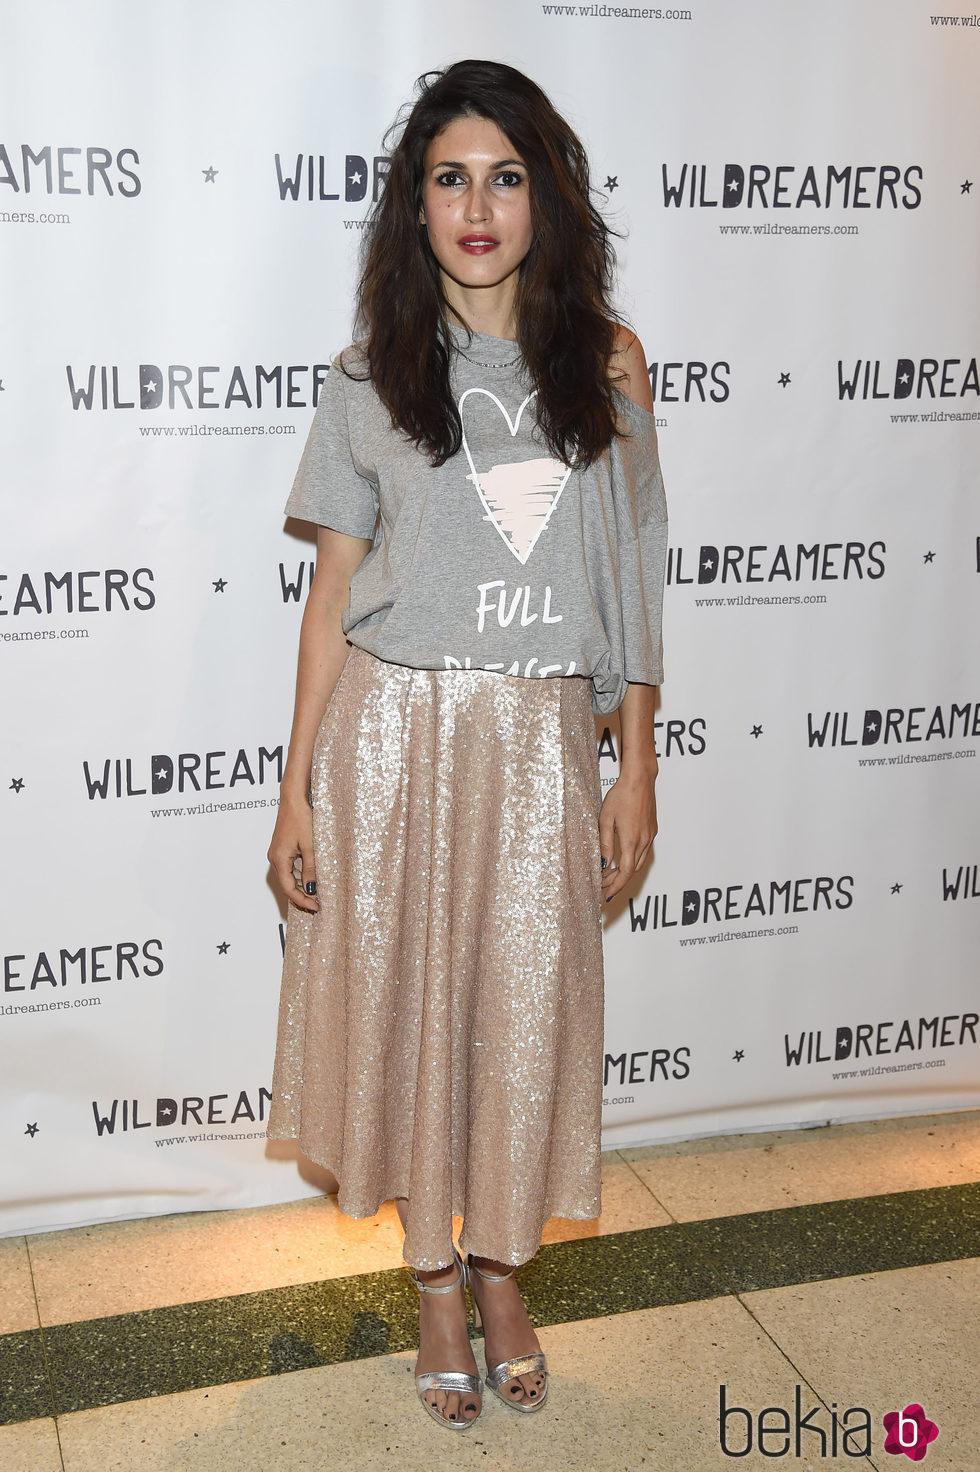 Nerea Barros durante una fiesta de la firma Wildreamers en Madrid